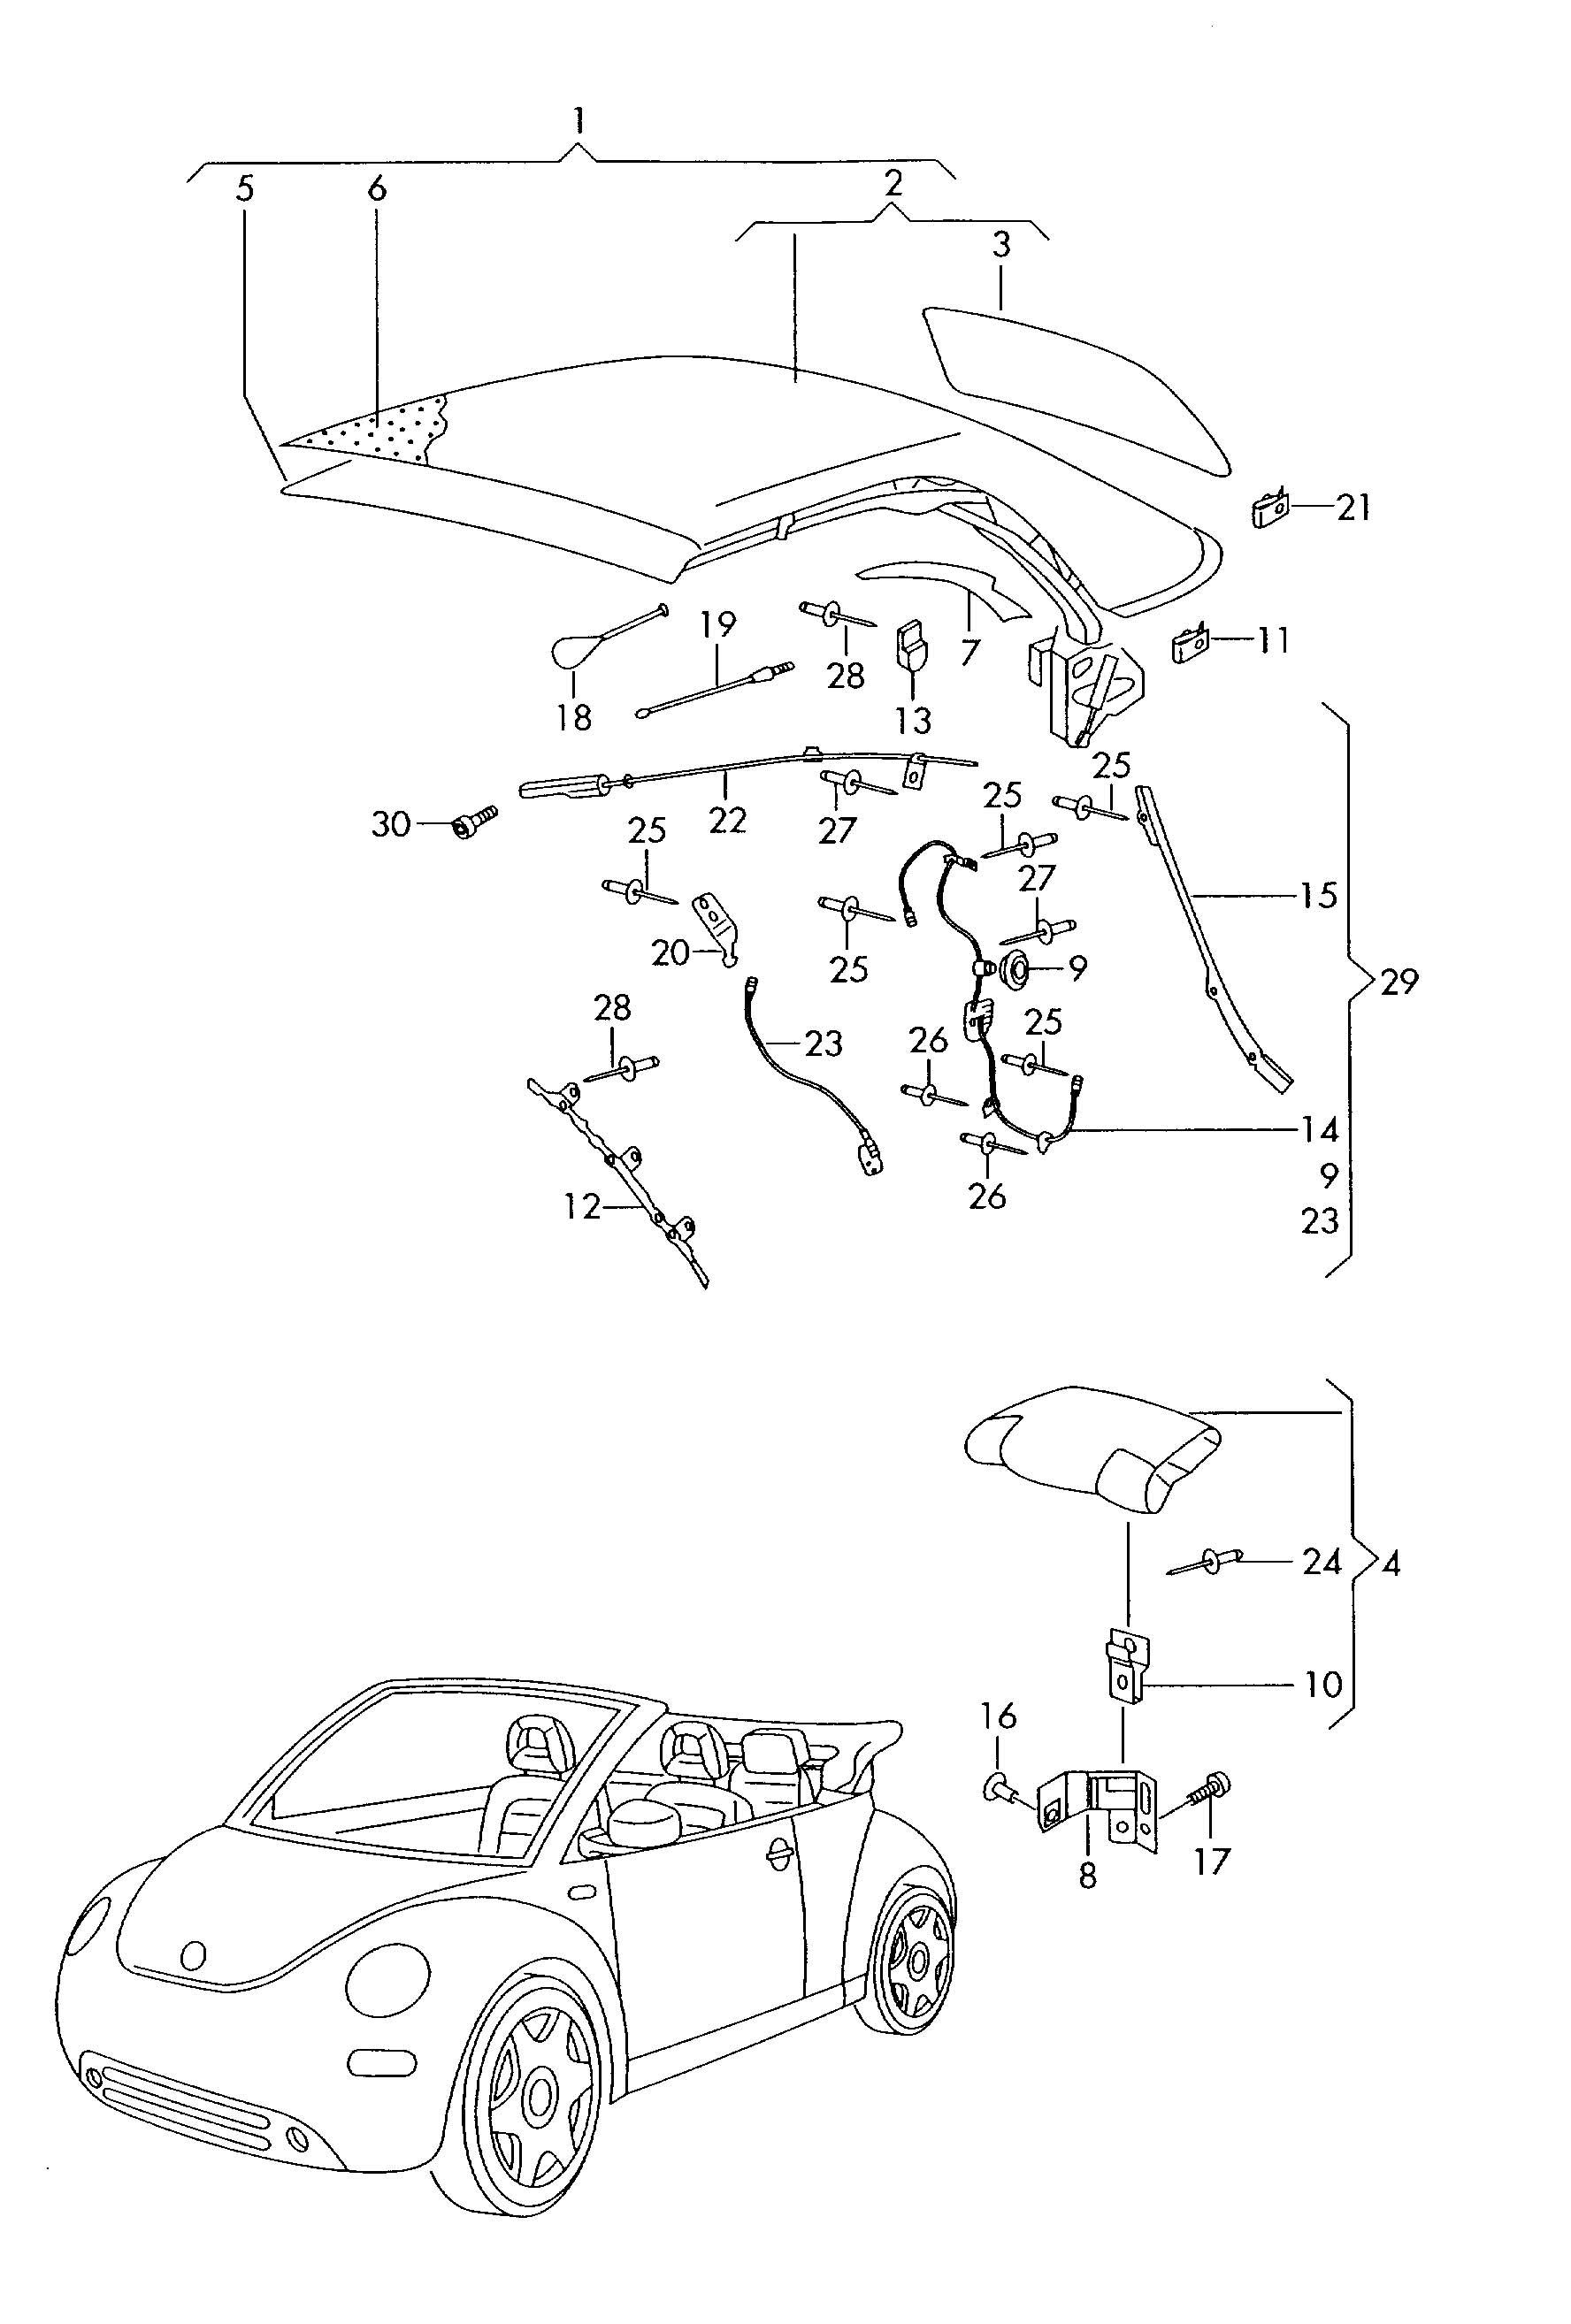 Volkswagen New Beetle Convertible Conv. top (complete)